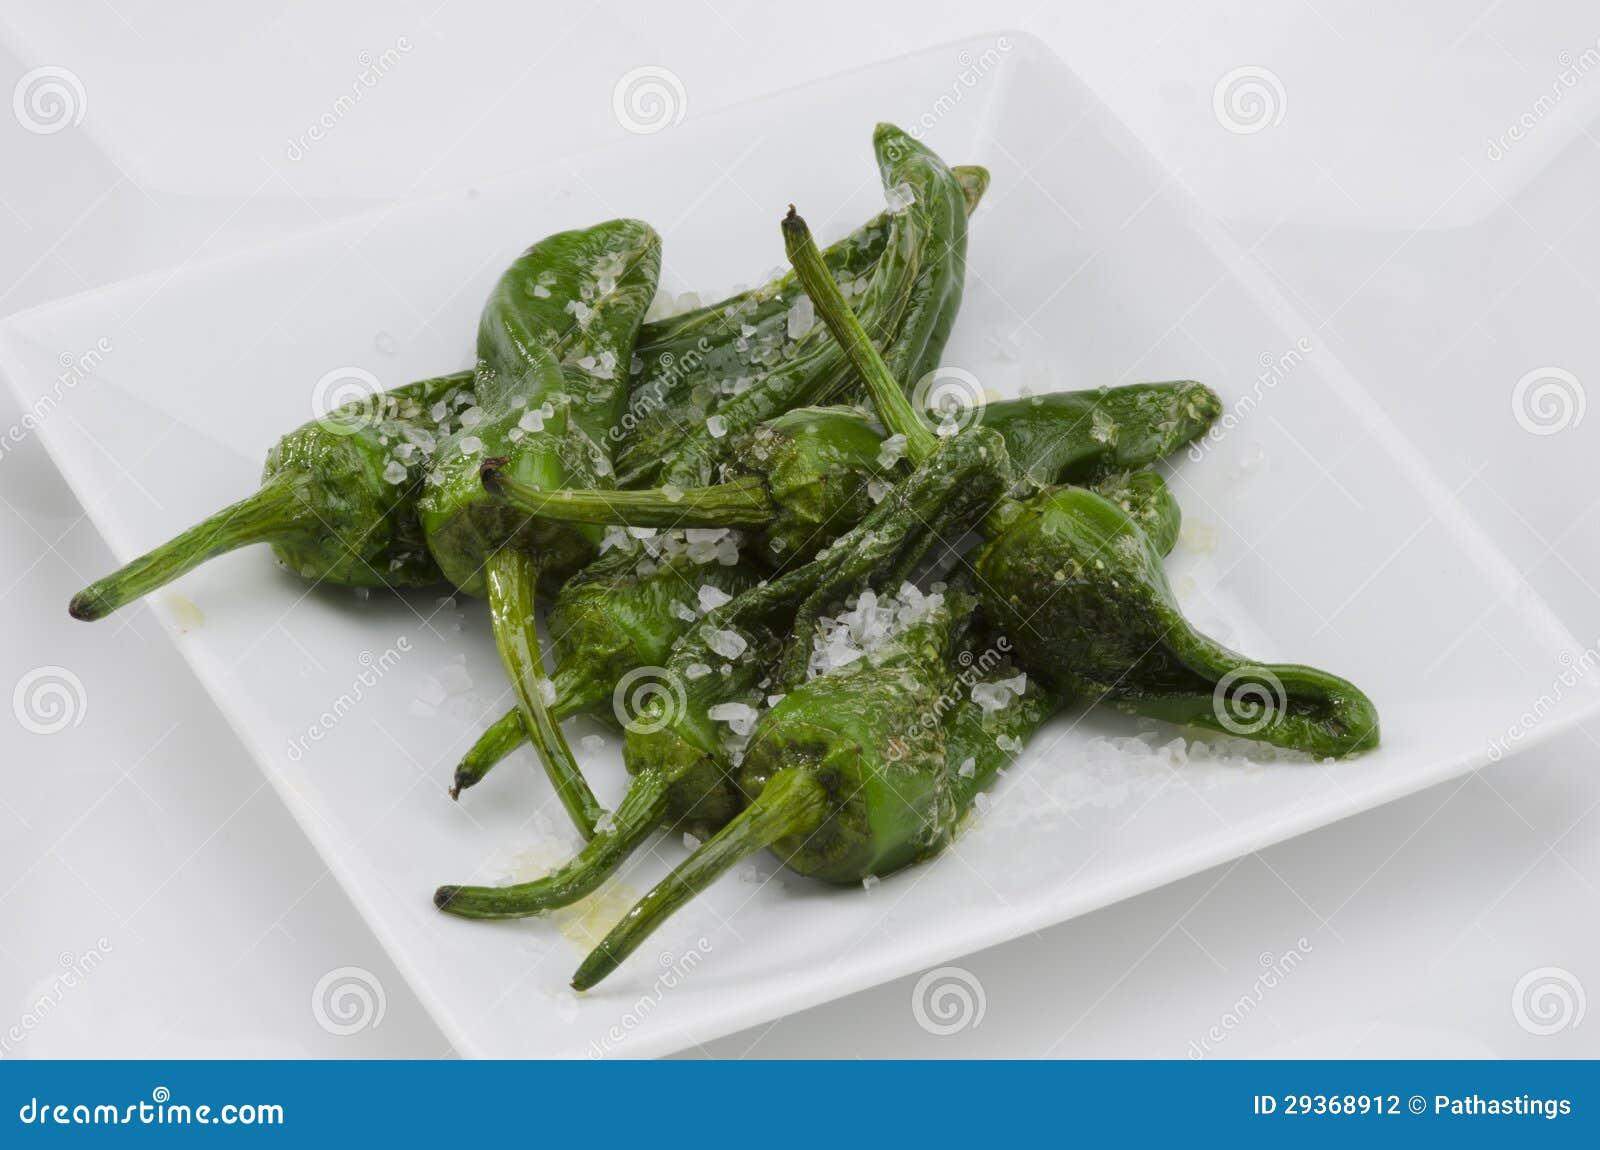 Poivrons verts frits pimientos del padron cuisine - Cuisiner le poivron vert ...